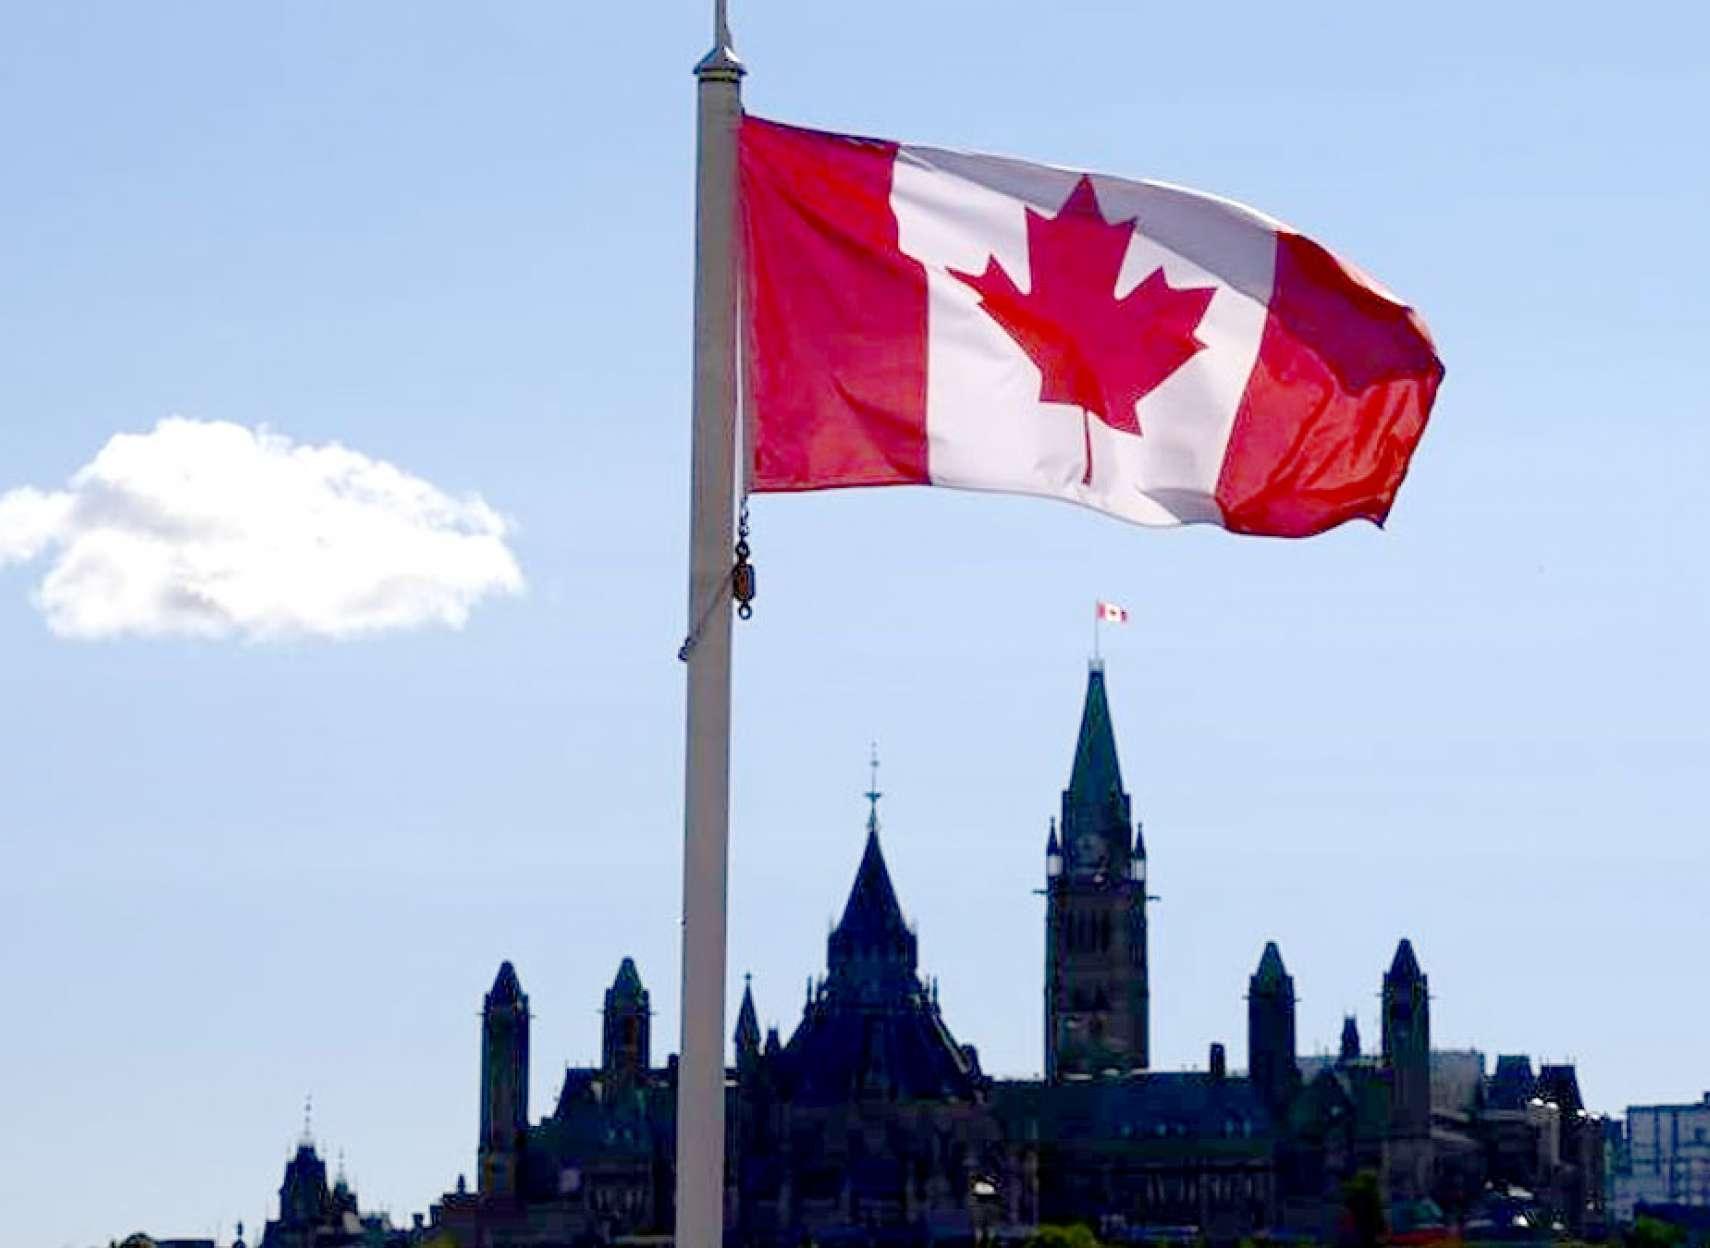 اخبار-مهاجرت-کرونا-بسیاری-از-تازه-مهاجران-به-کانادا-را-به-کشور-زادگاهشان-بازگردانده